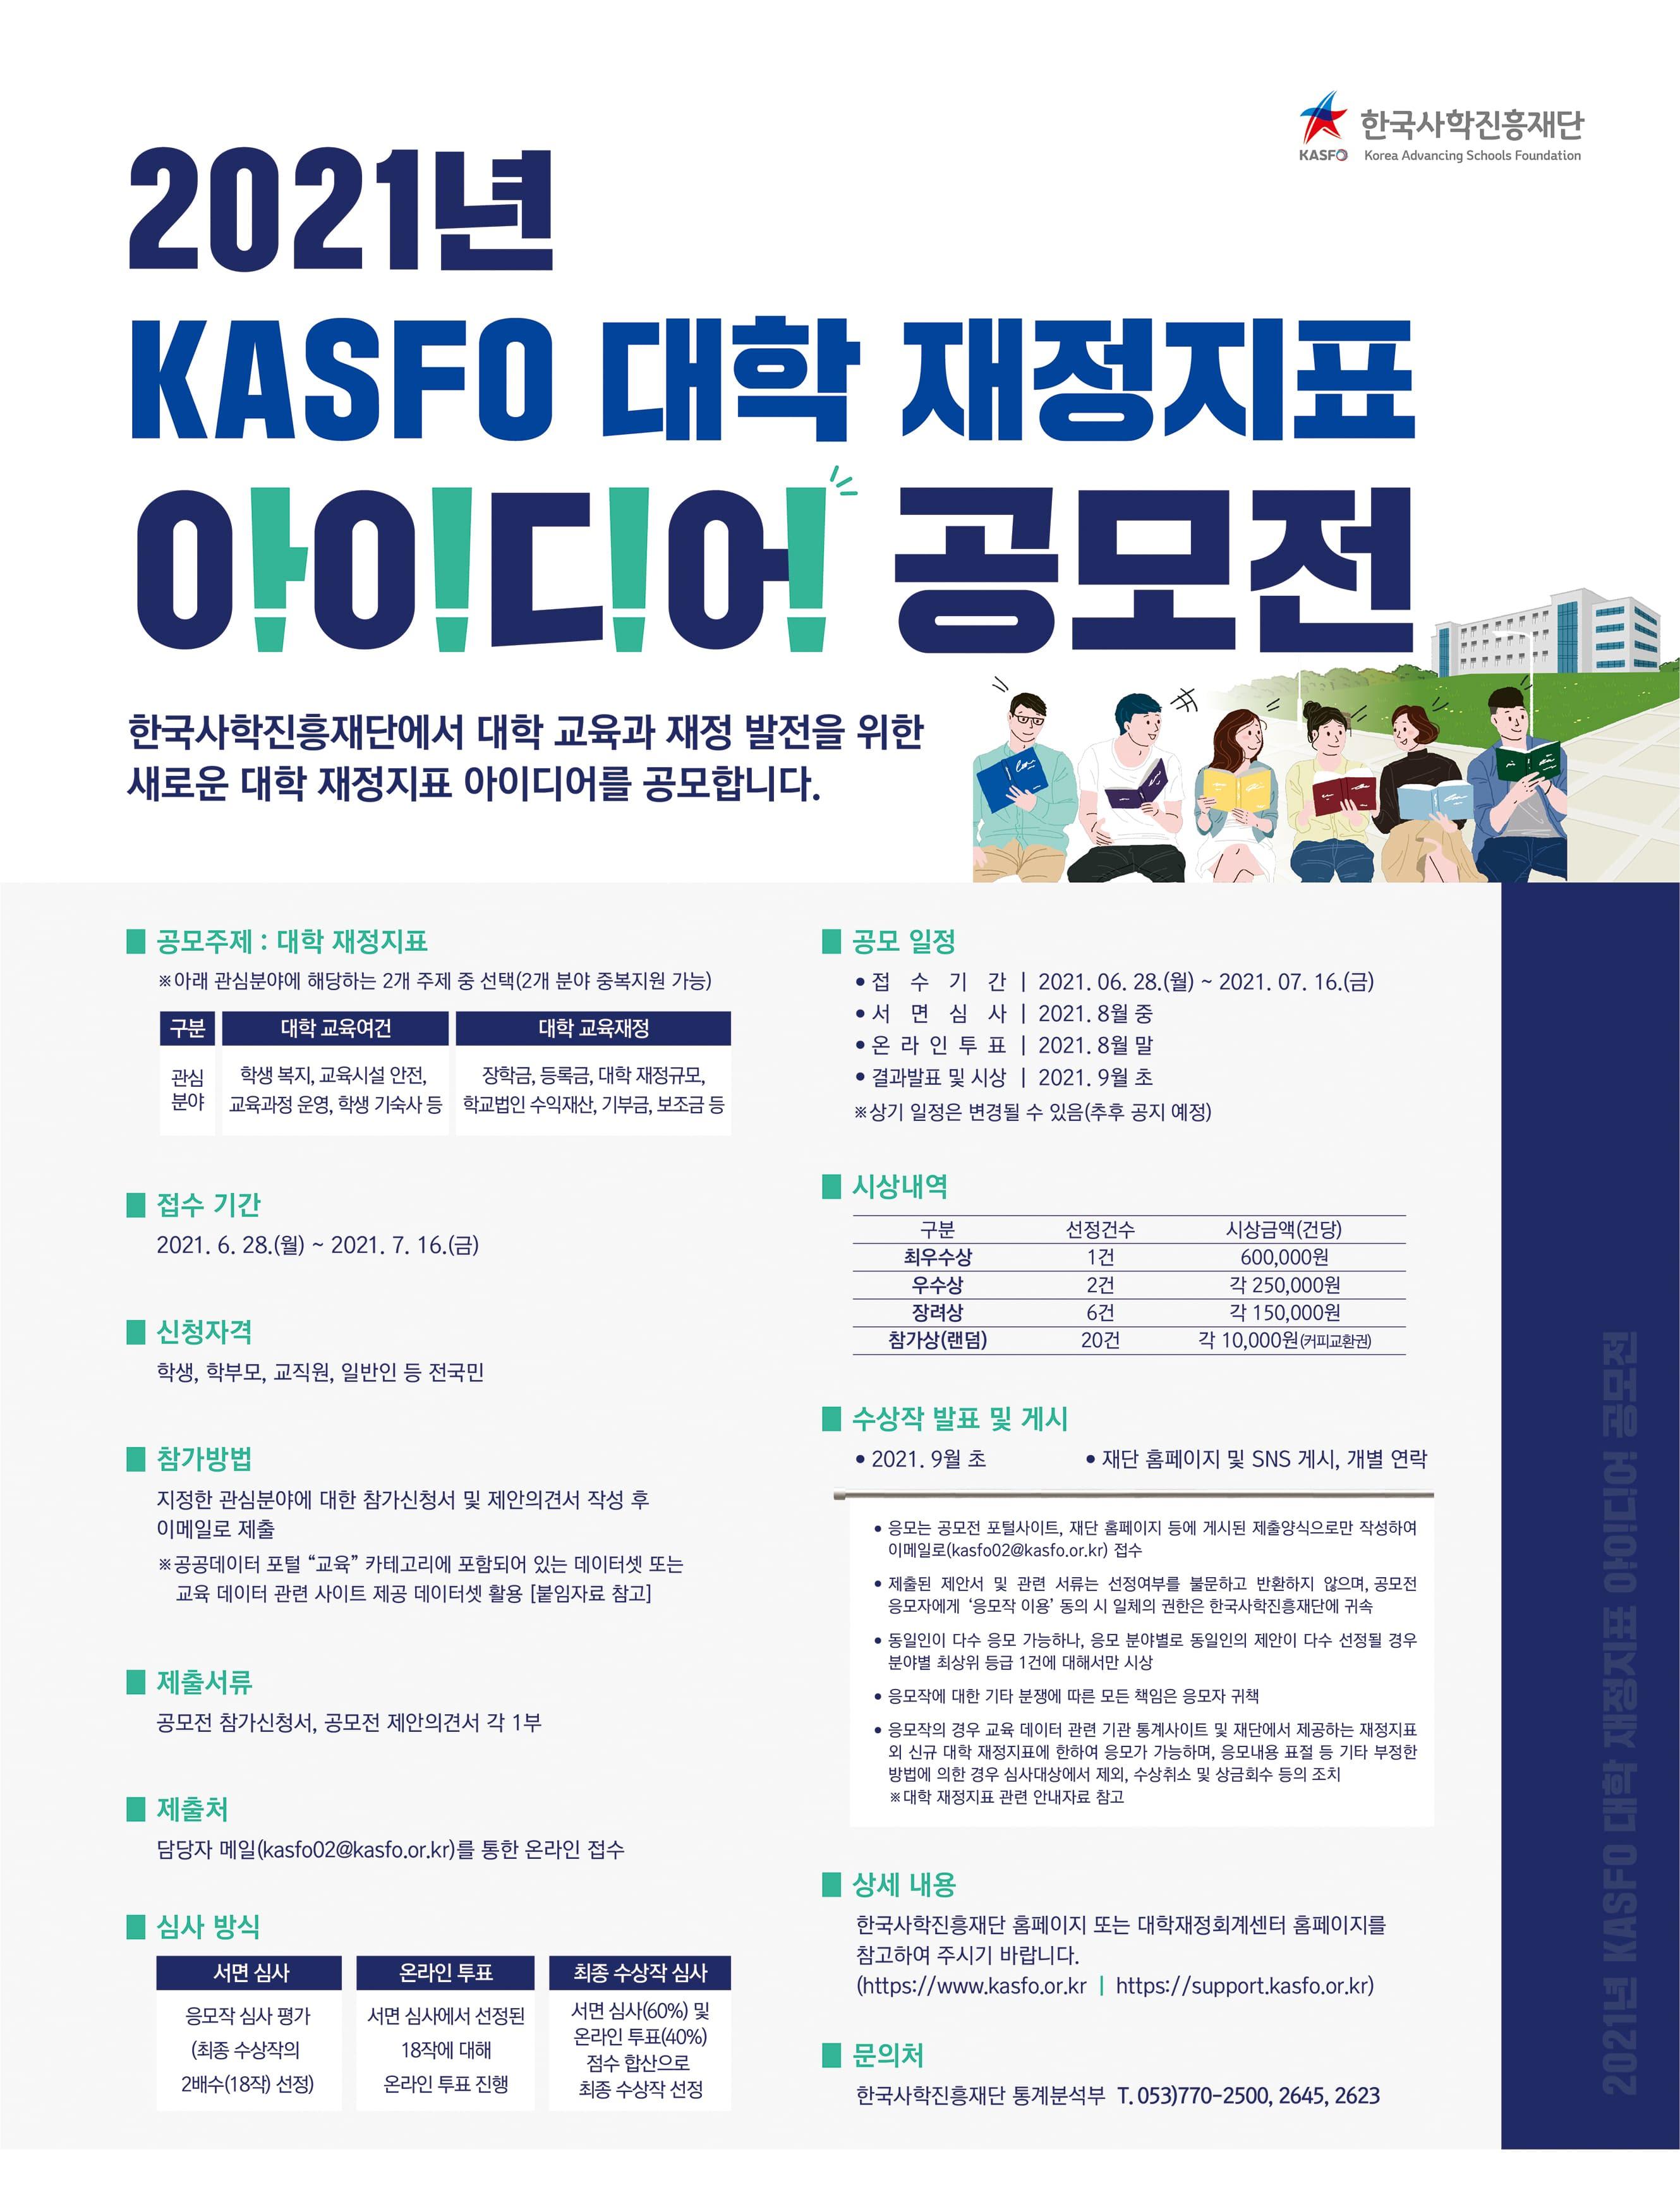 KASFO 대학 재정지표 아이디어 공모전